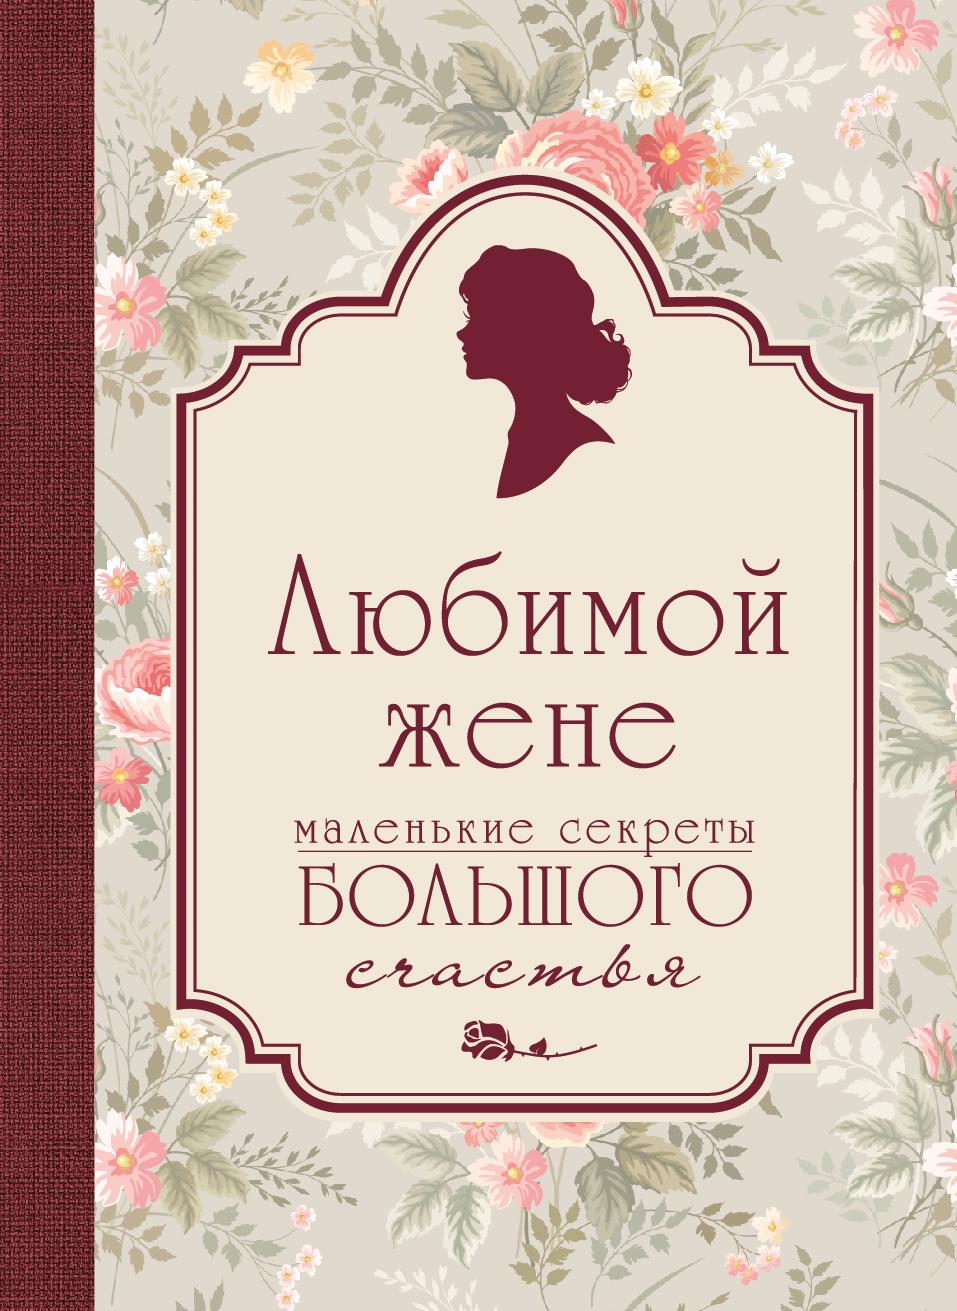 Сирота Э.Л. Любимой жене. Маленькие секреты большого счастья (розовый) круговова ю ред любимой жене маленькие секреты большого счастья